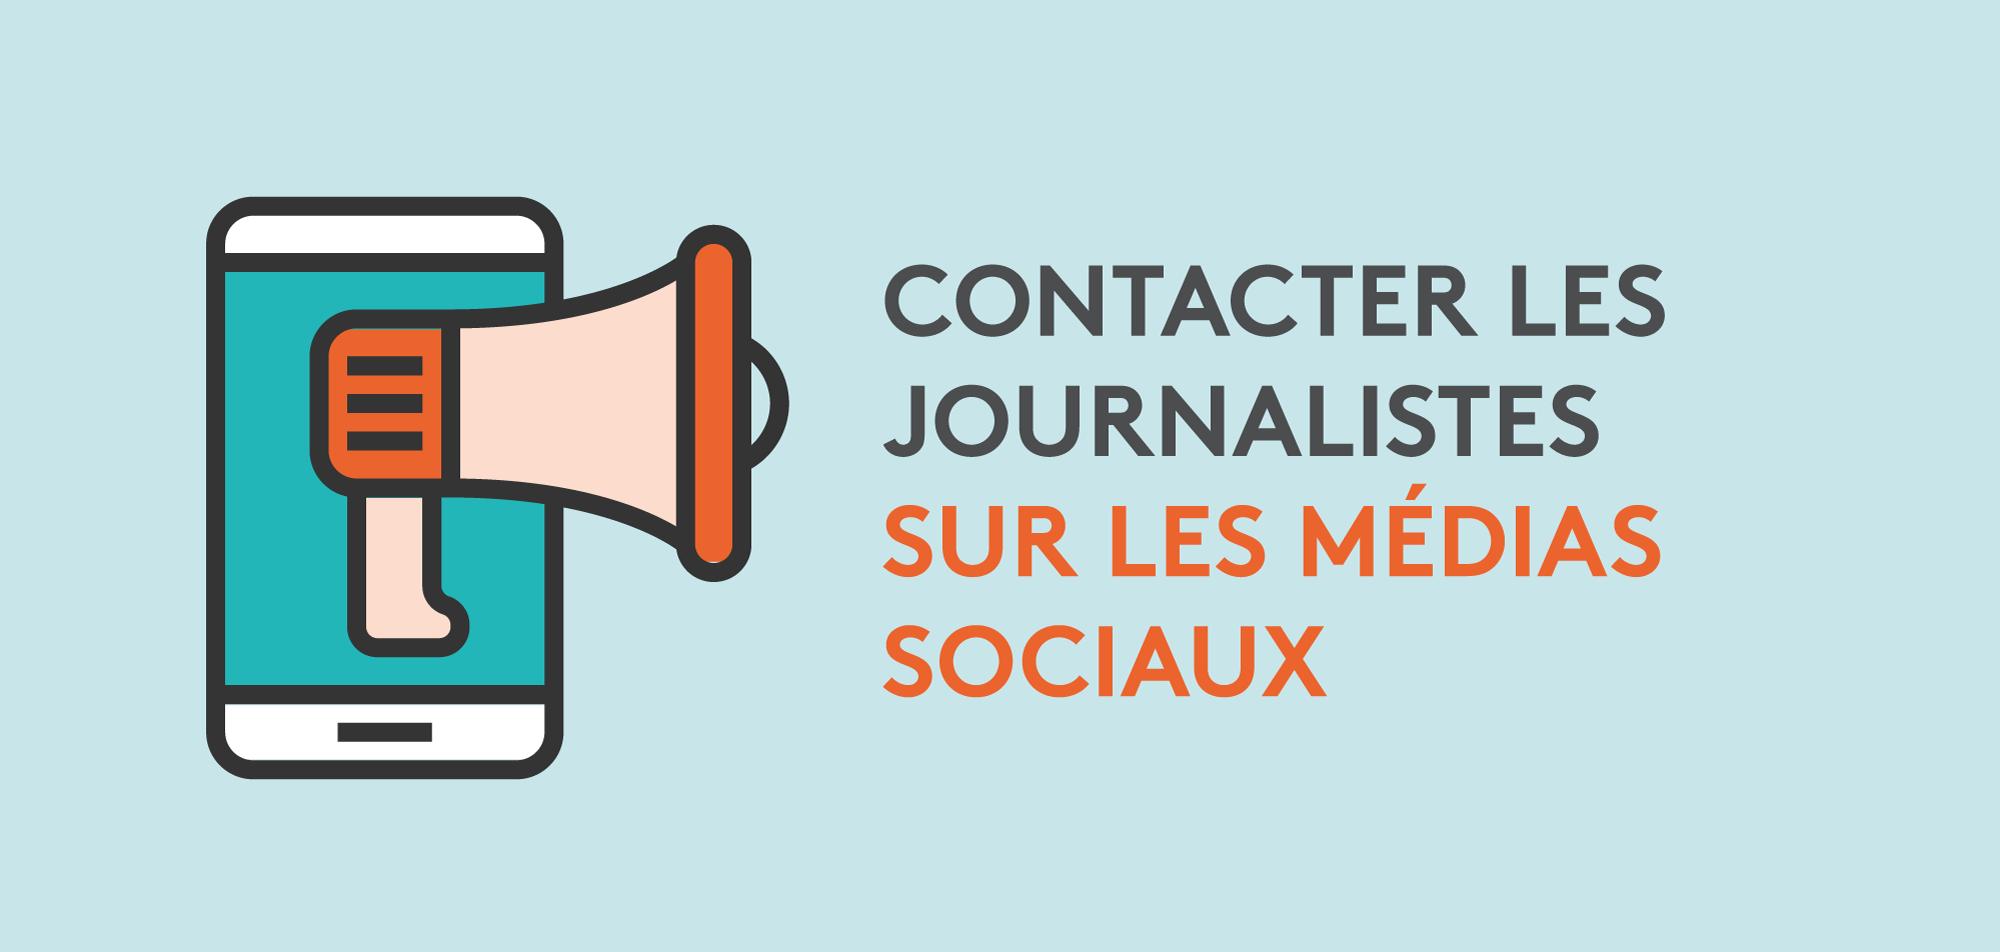 Comment contacter les journalistes via les réseaux sociaux ?